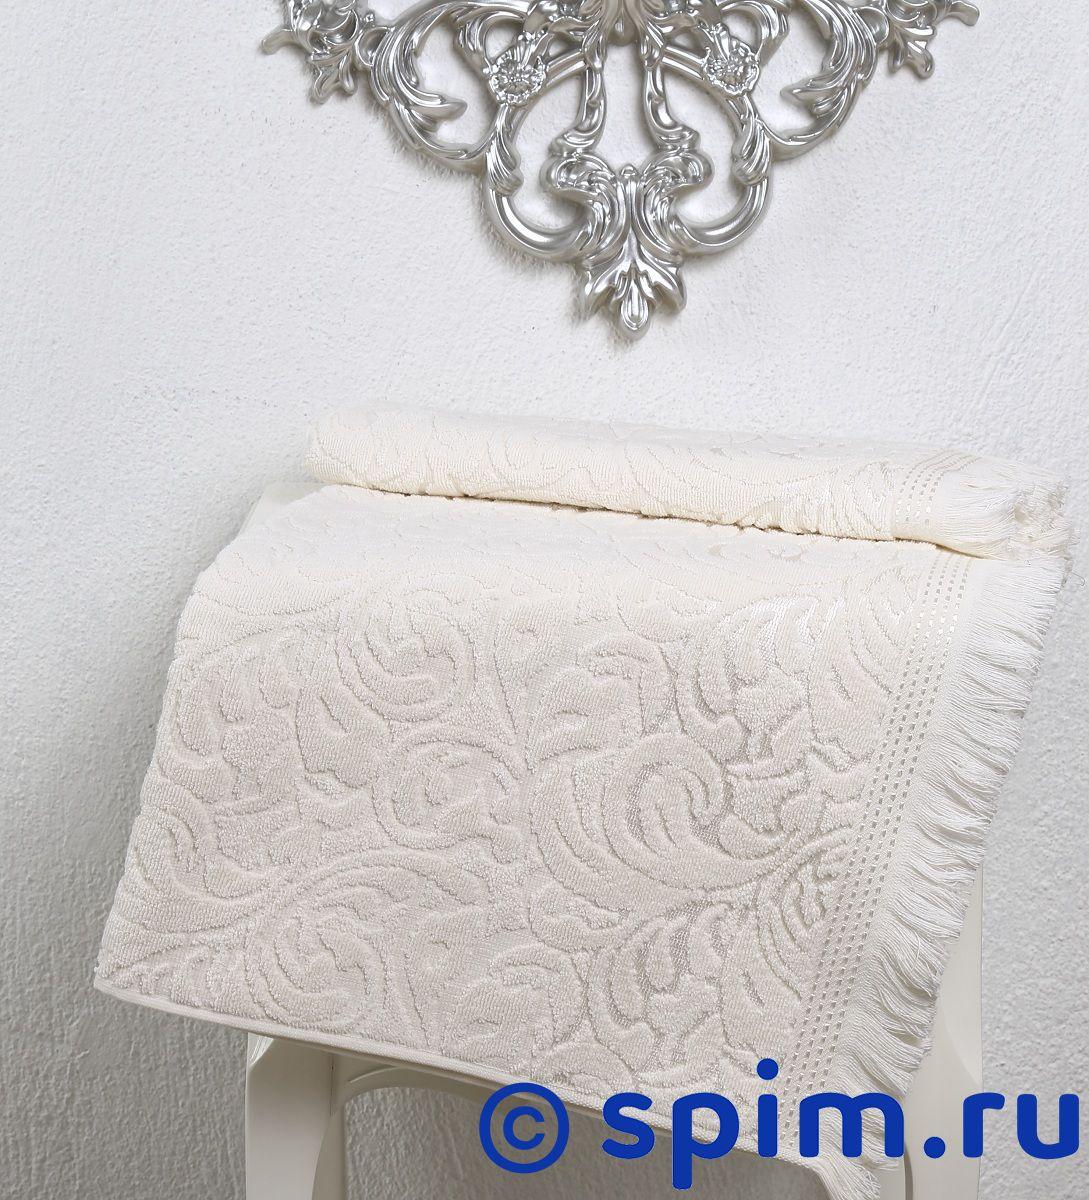 Полотенце Karna Esra 70х140 см, кремовое комплект махровых полотенец karna esra 50x90 70х140 см 1158865